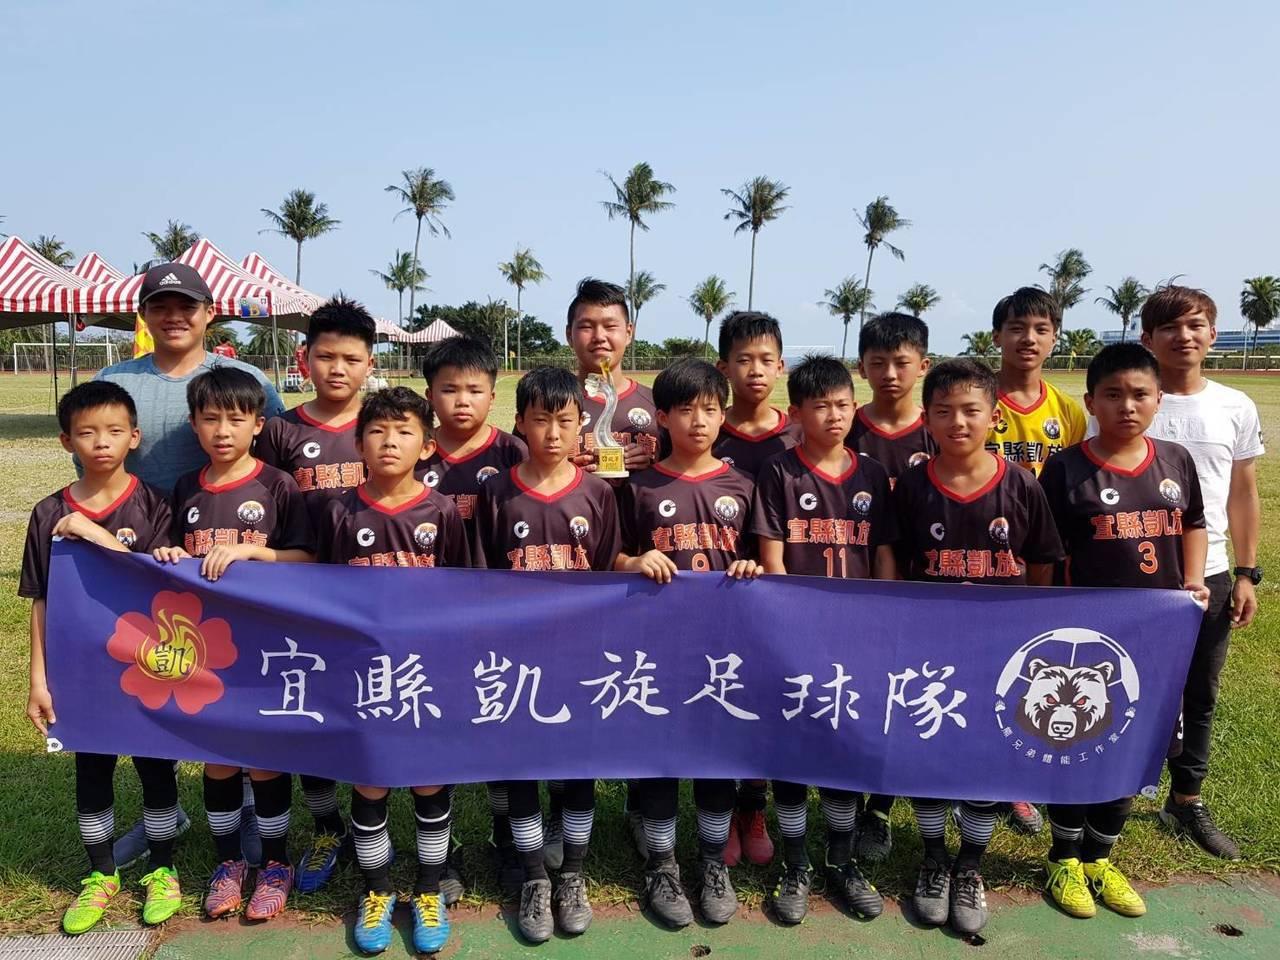 宜蘭縣凱旋國小創立足球校隊已是第17個年頭,今年在全國少年盃足球錦標賽中,拿下俱...